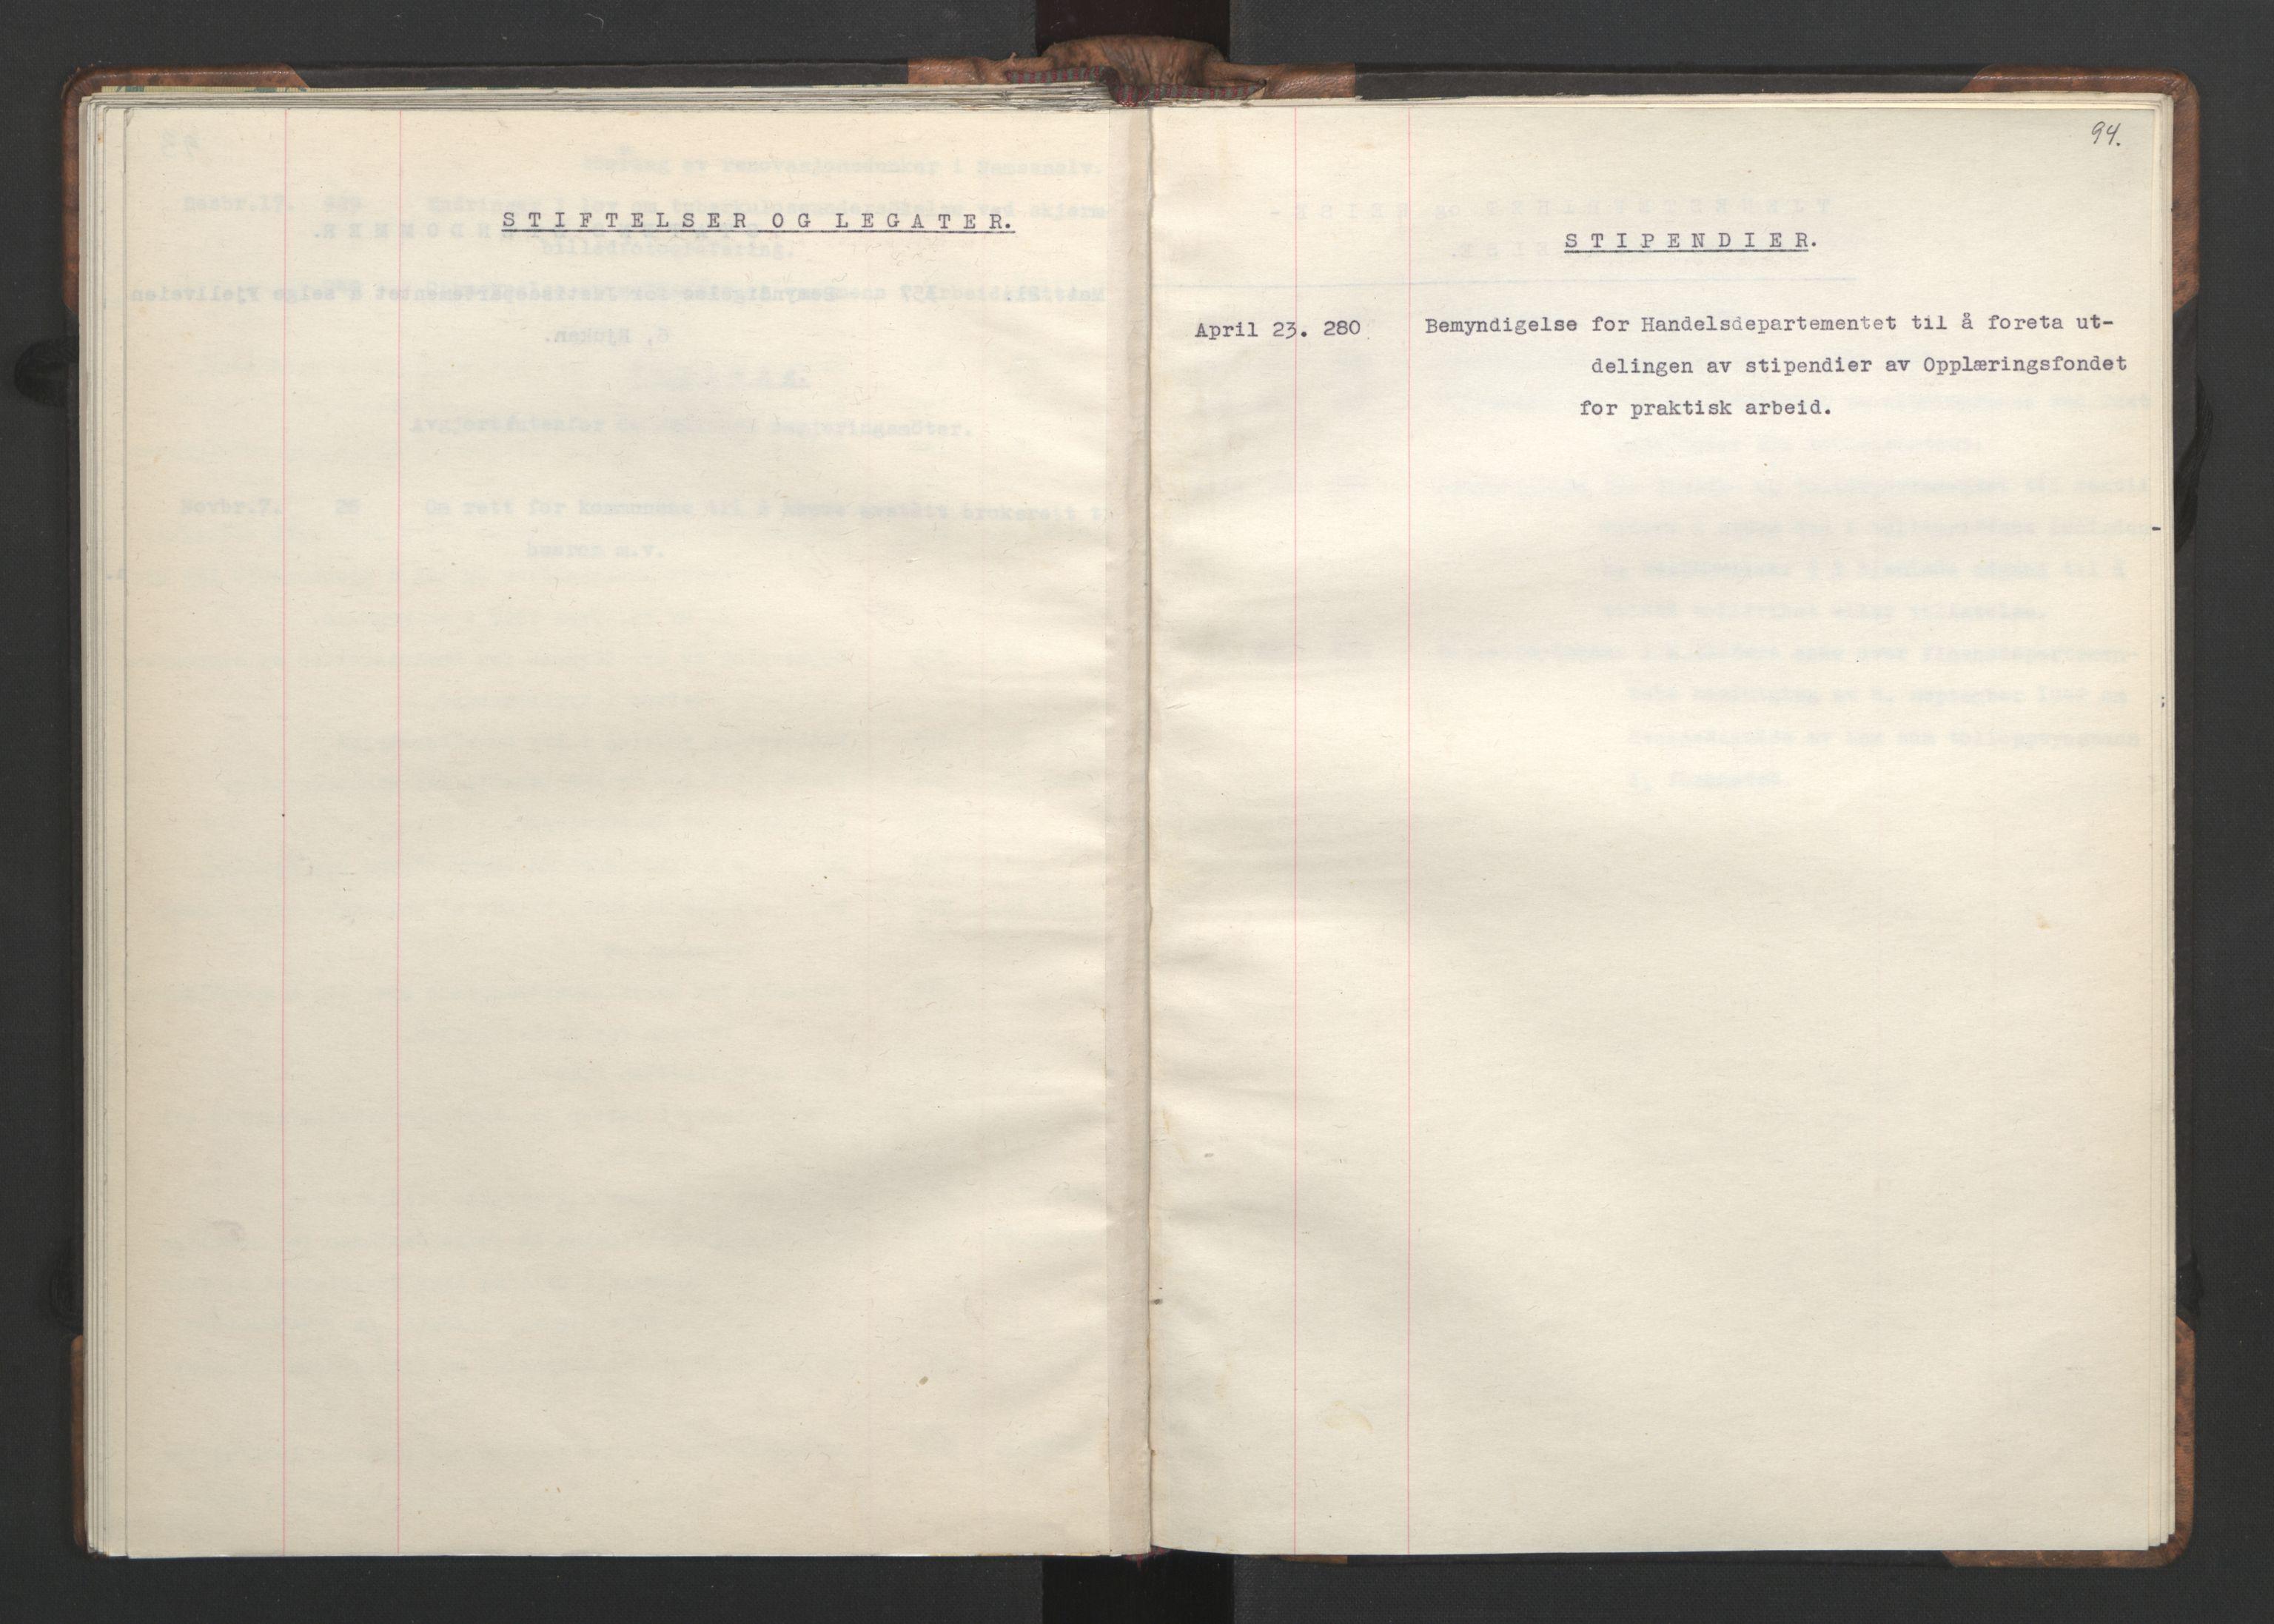 RA, NS-administrasjonen 1940-1945 (Statsrådsekretariatet, de kommisariske statsråder mm), D/Da/L0002: Register (RA j.nr. 985/1943, tilgangsnr. 17/1943), 1942, s. 93b-94a